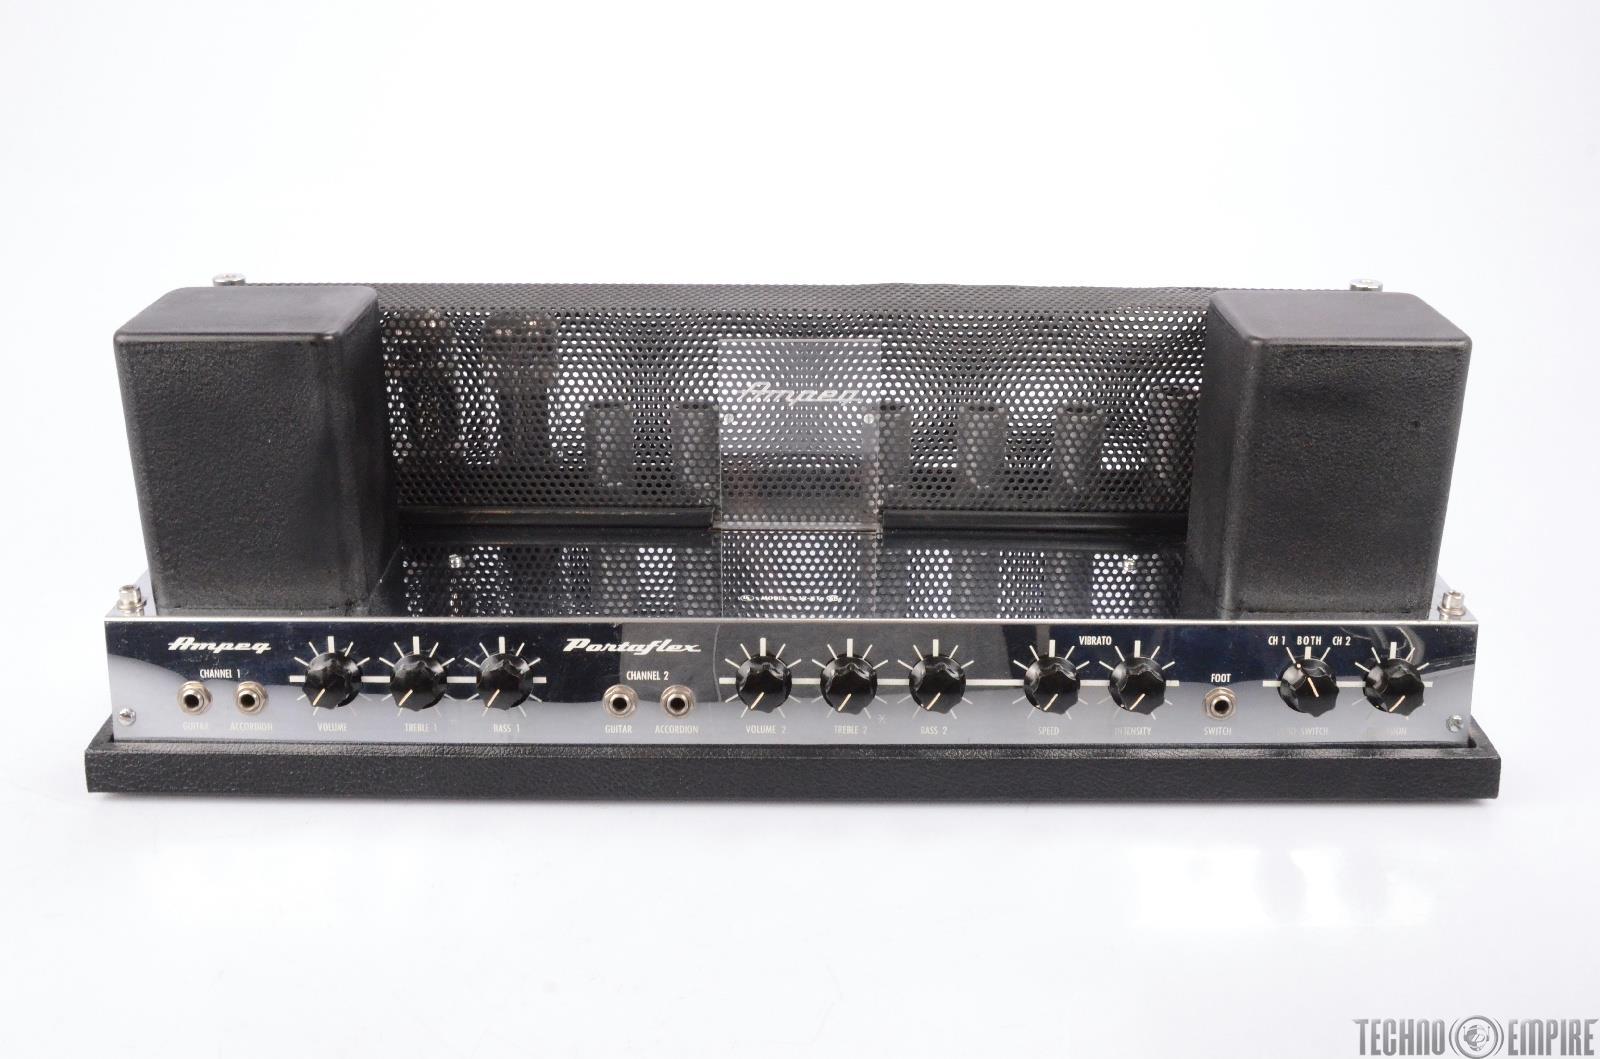 1967 ampeg b 12 xt portaflex vintage tube amplifier guitar amp head 24831 ebay. Black Bedroom Furniture Sets. Home Design Ideas